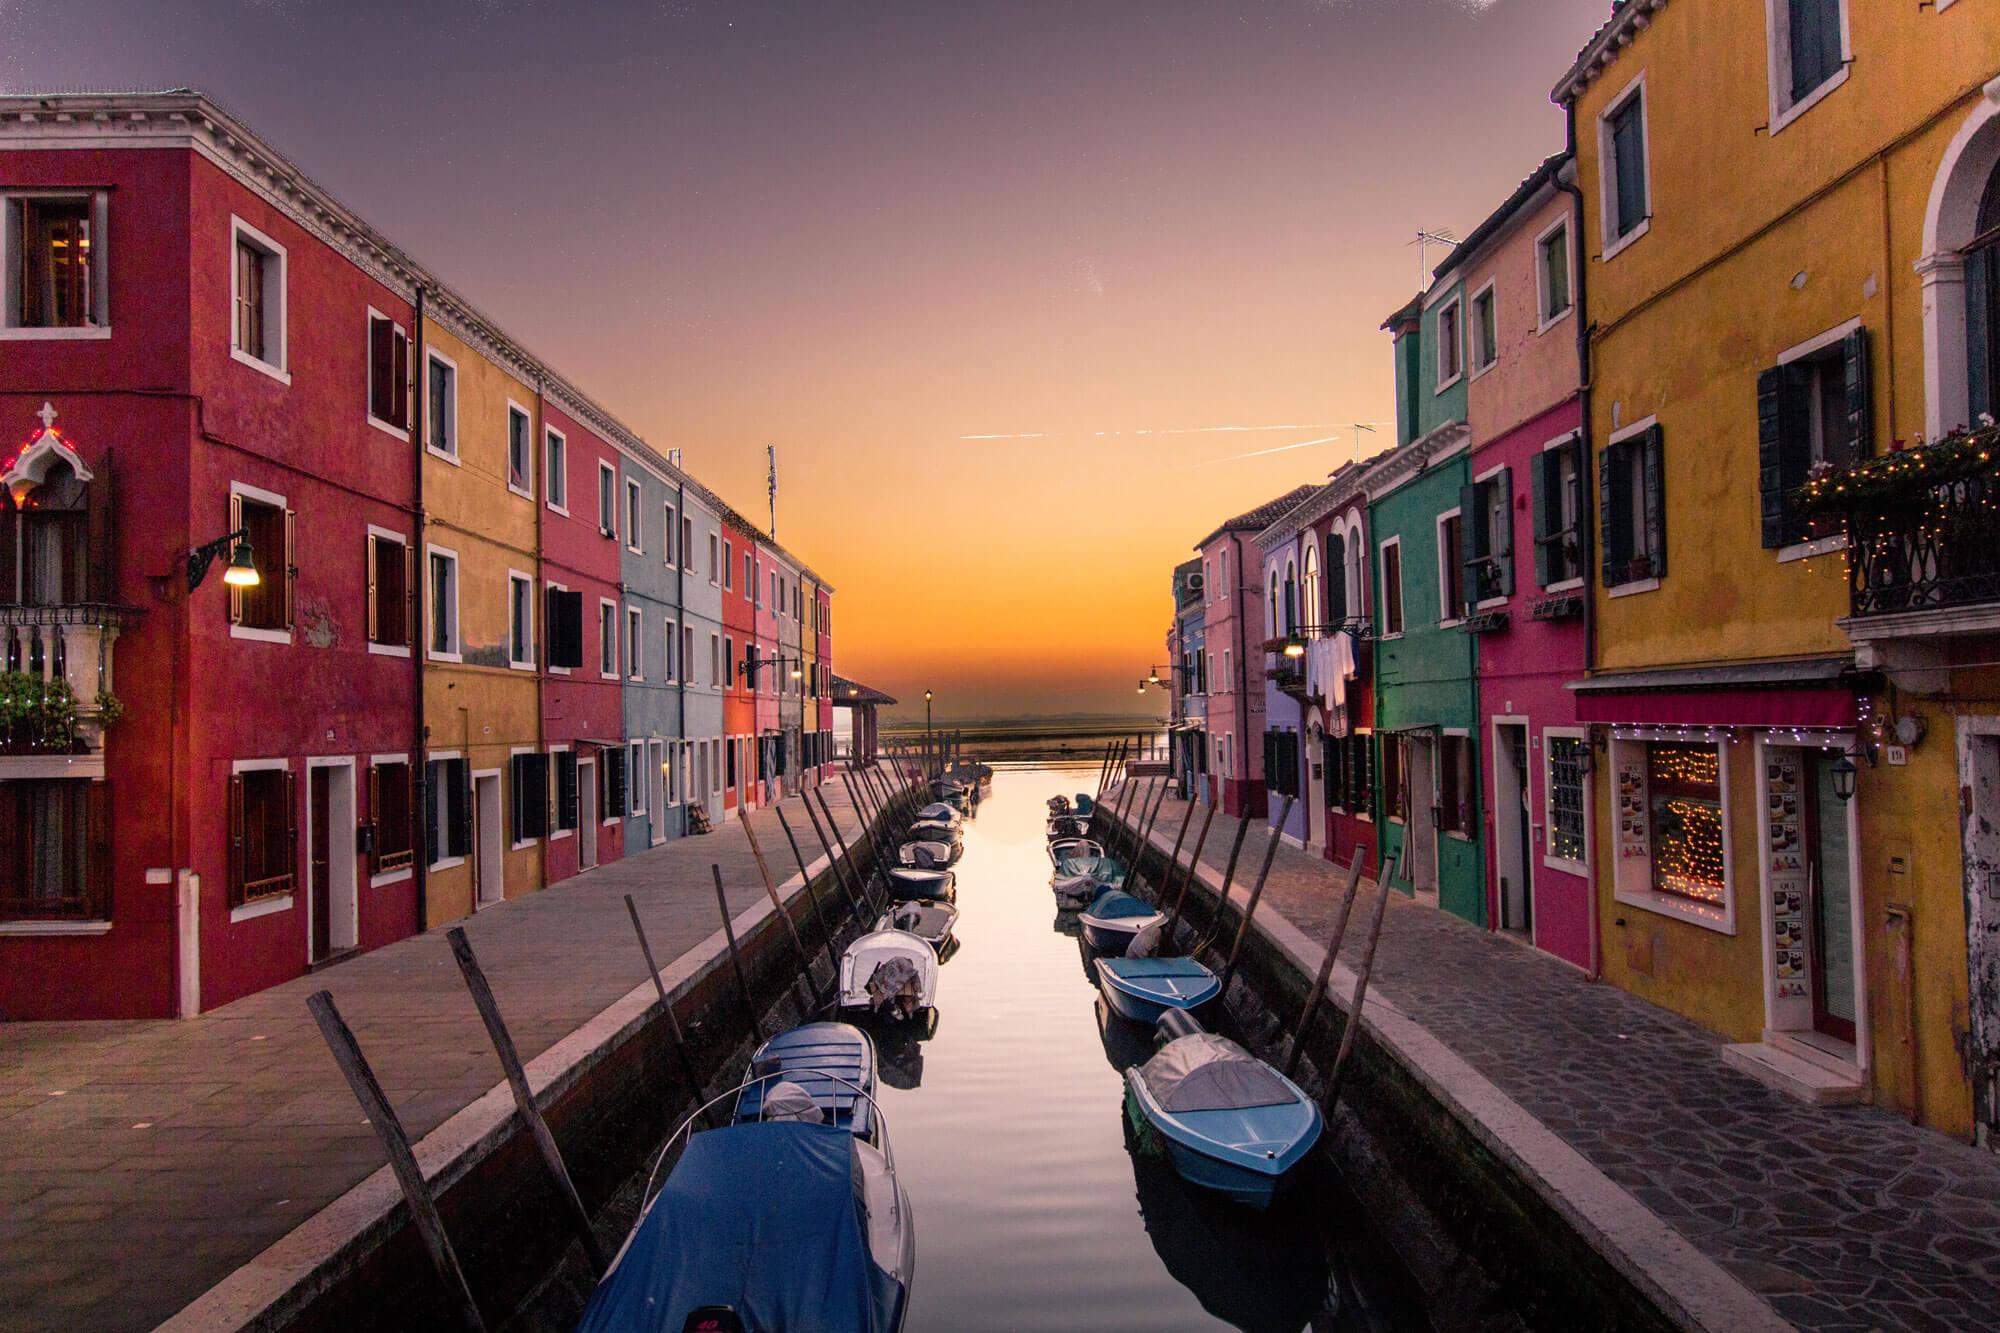 Canaux de Venise au soleil couchant.